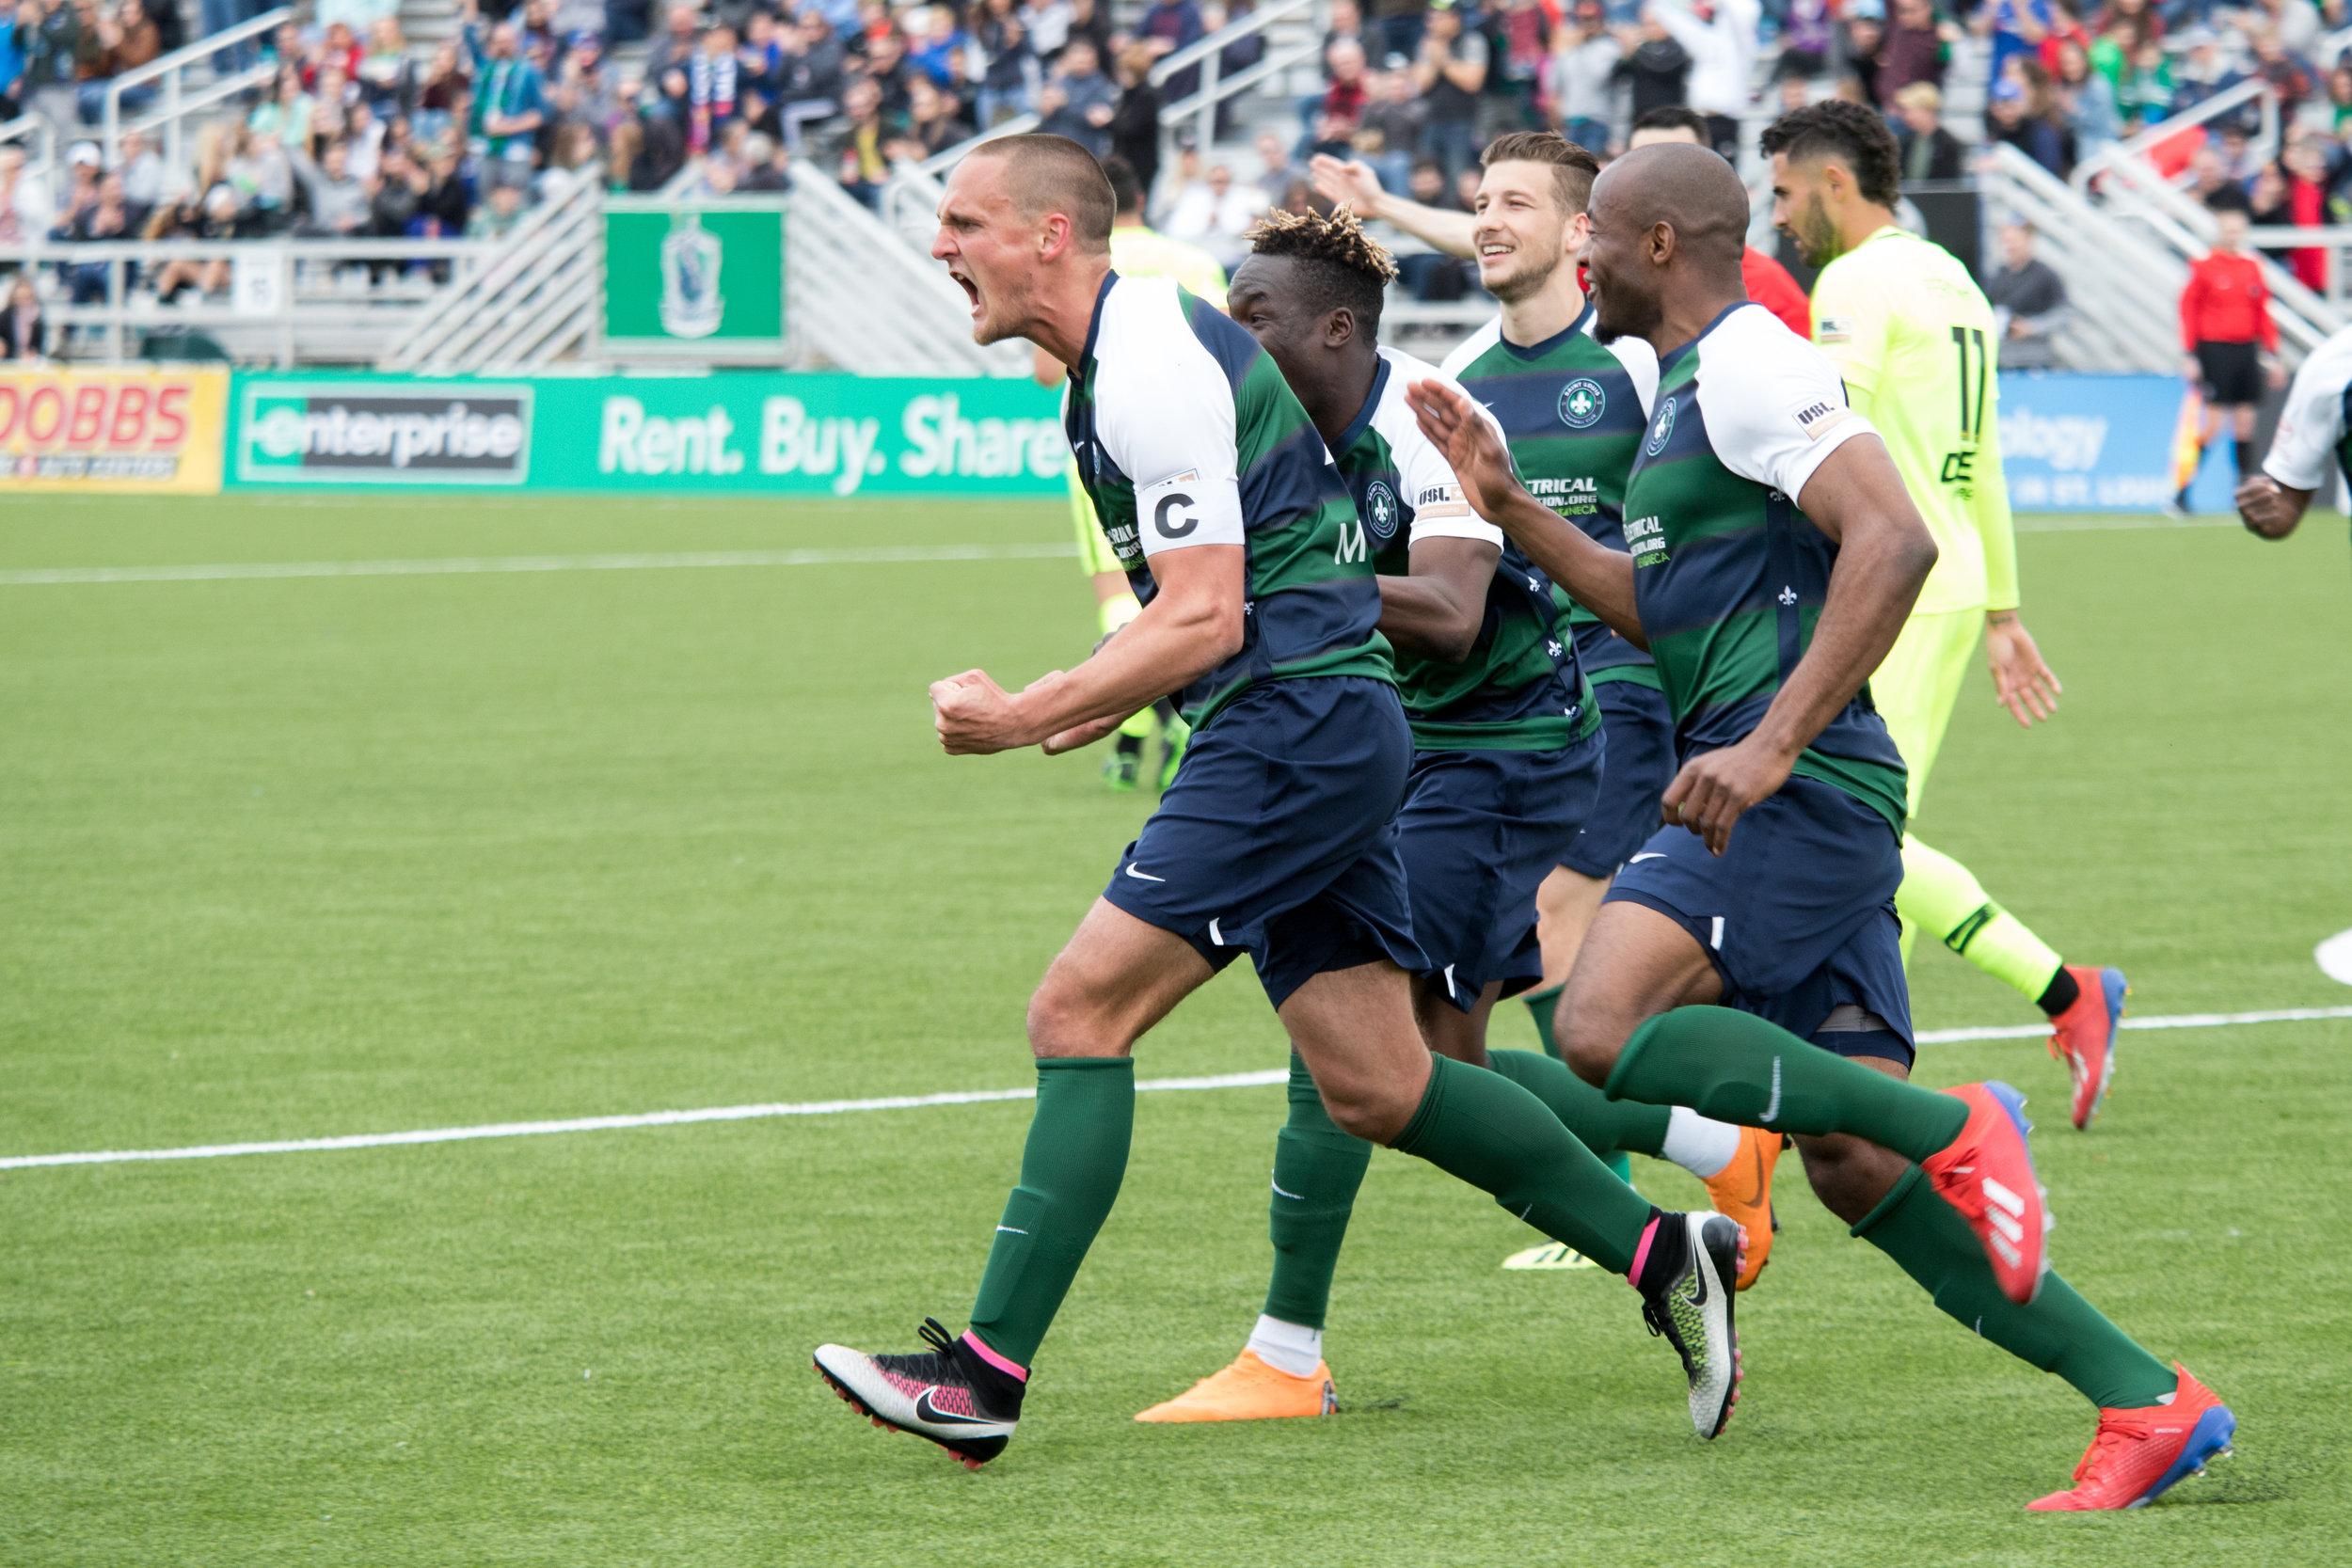 Saint Louis FC captain Sam Fink celebrates with teammates. | Photo courtesy of Saint Louis FC